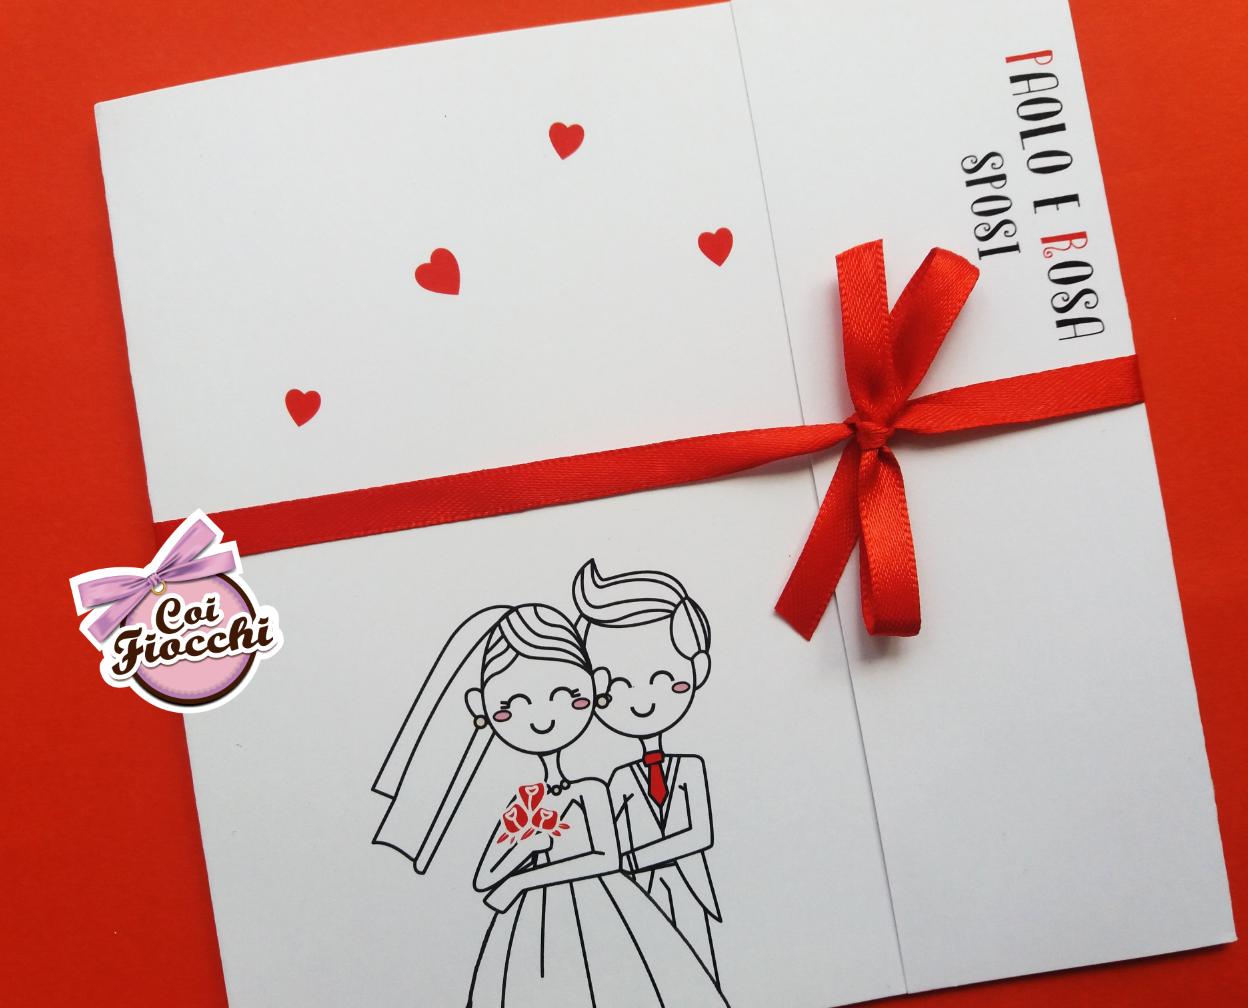 scegliere la carta per la partecipazione di nozze- carta liscia per sposini stilizzati